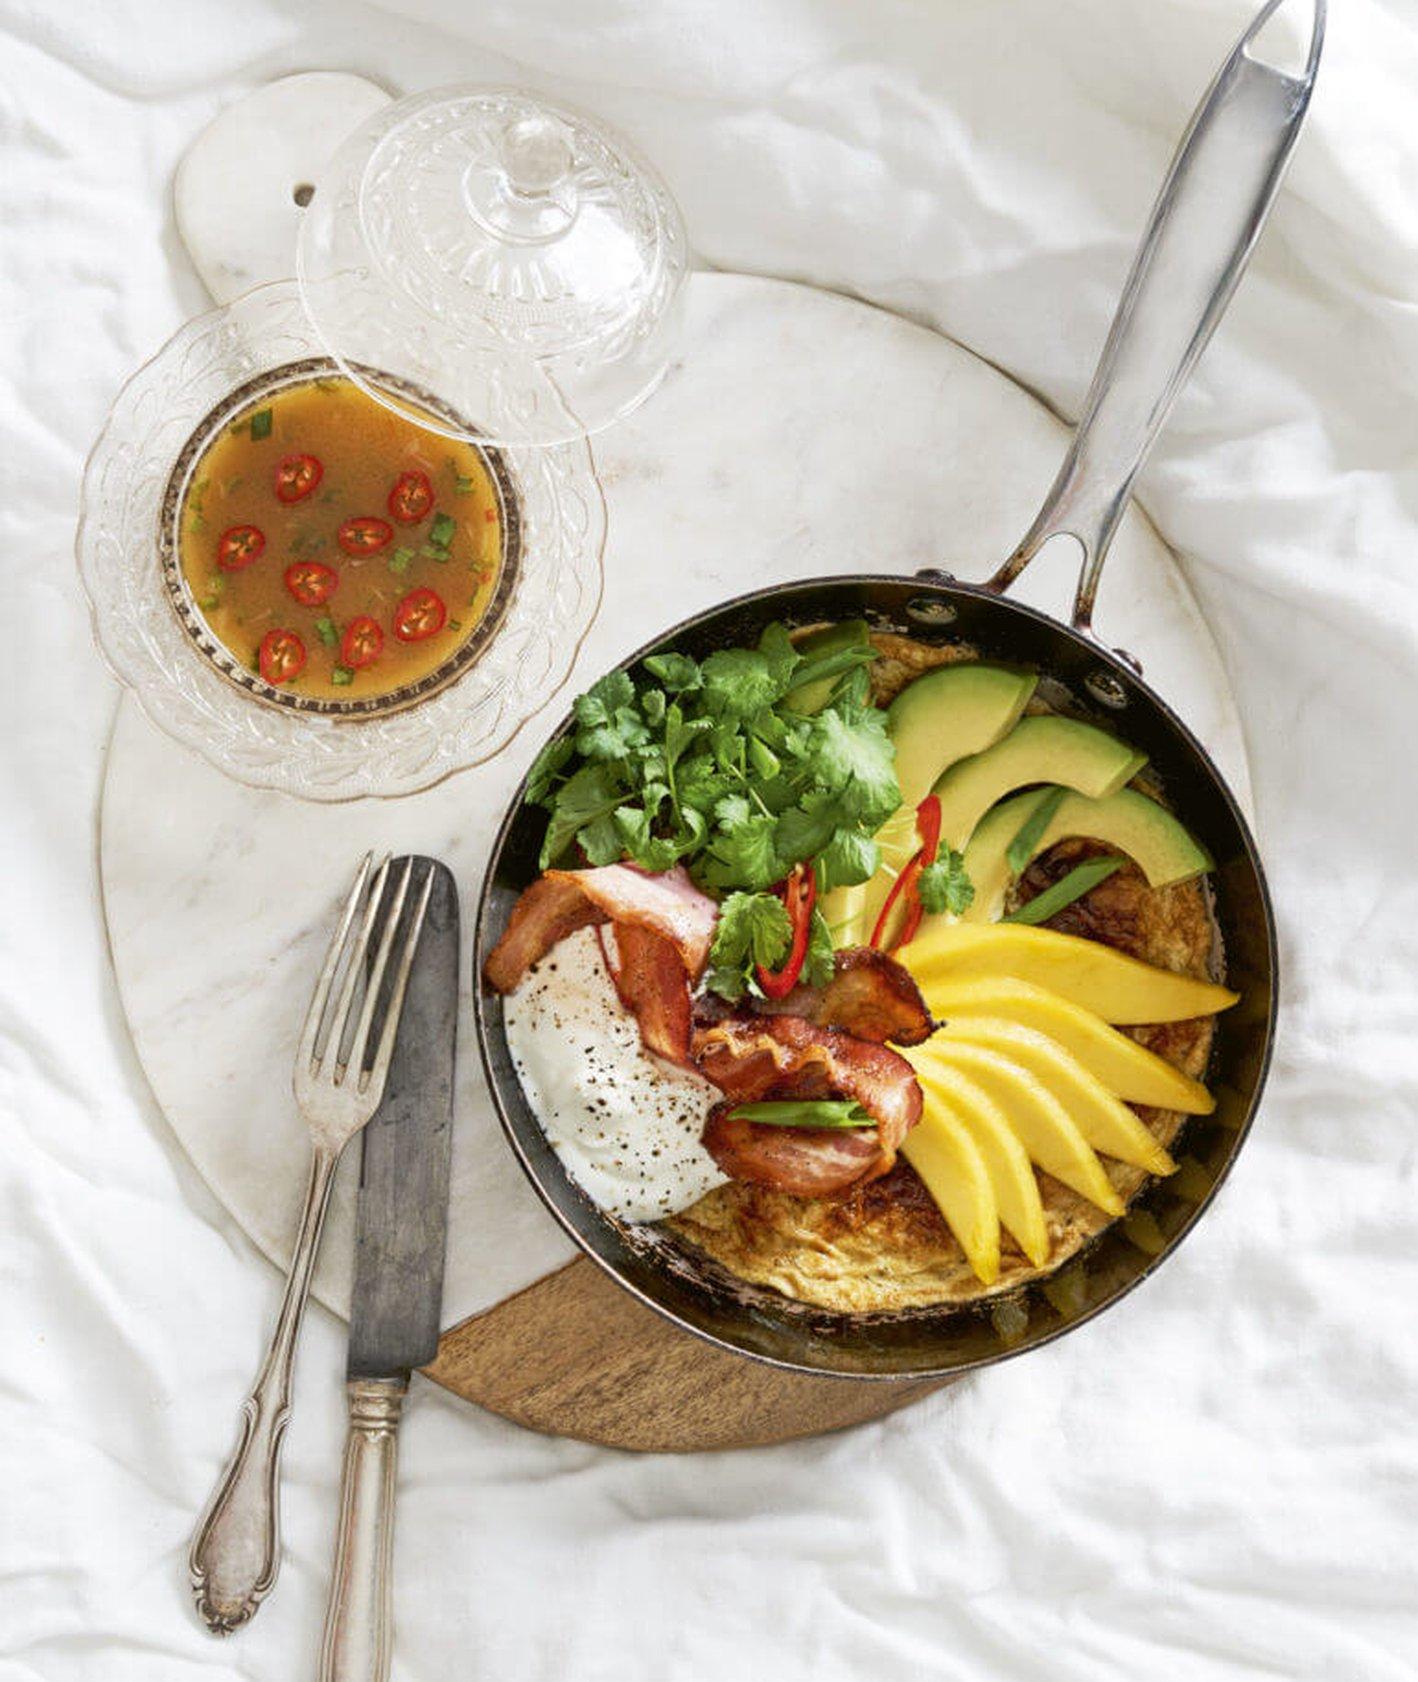 omlet z awokado i bekonem, omlet kukbuk, idealny omlet, wytrawne śniadanie, omlet na śniadanie, jajecznica z bekonem, kuchnia meksykańska, kolendra, proste śniadanie, szybkie śniadanie